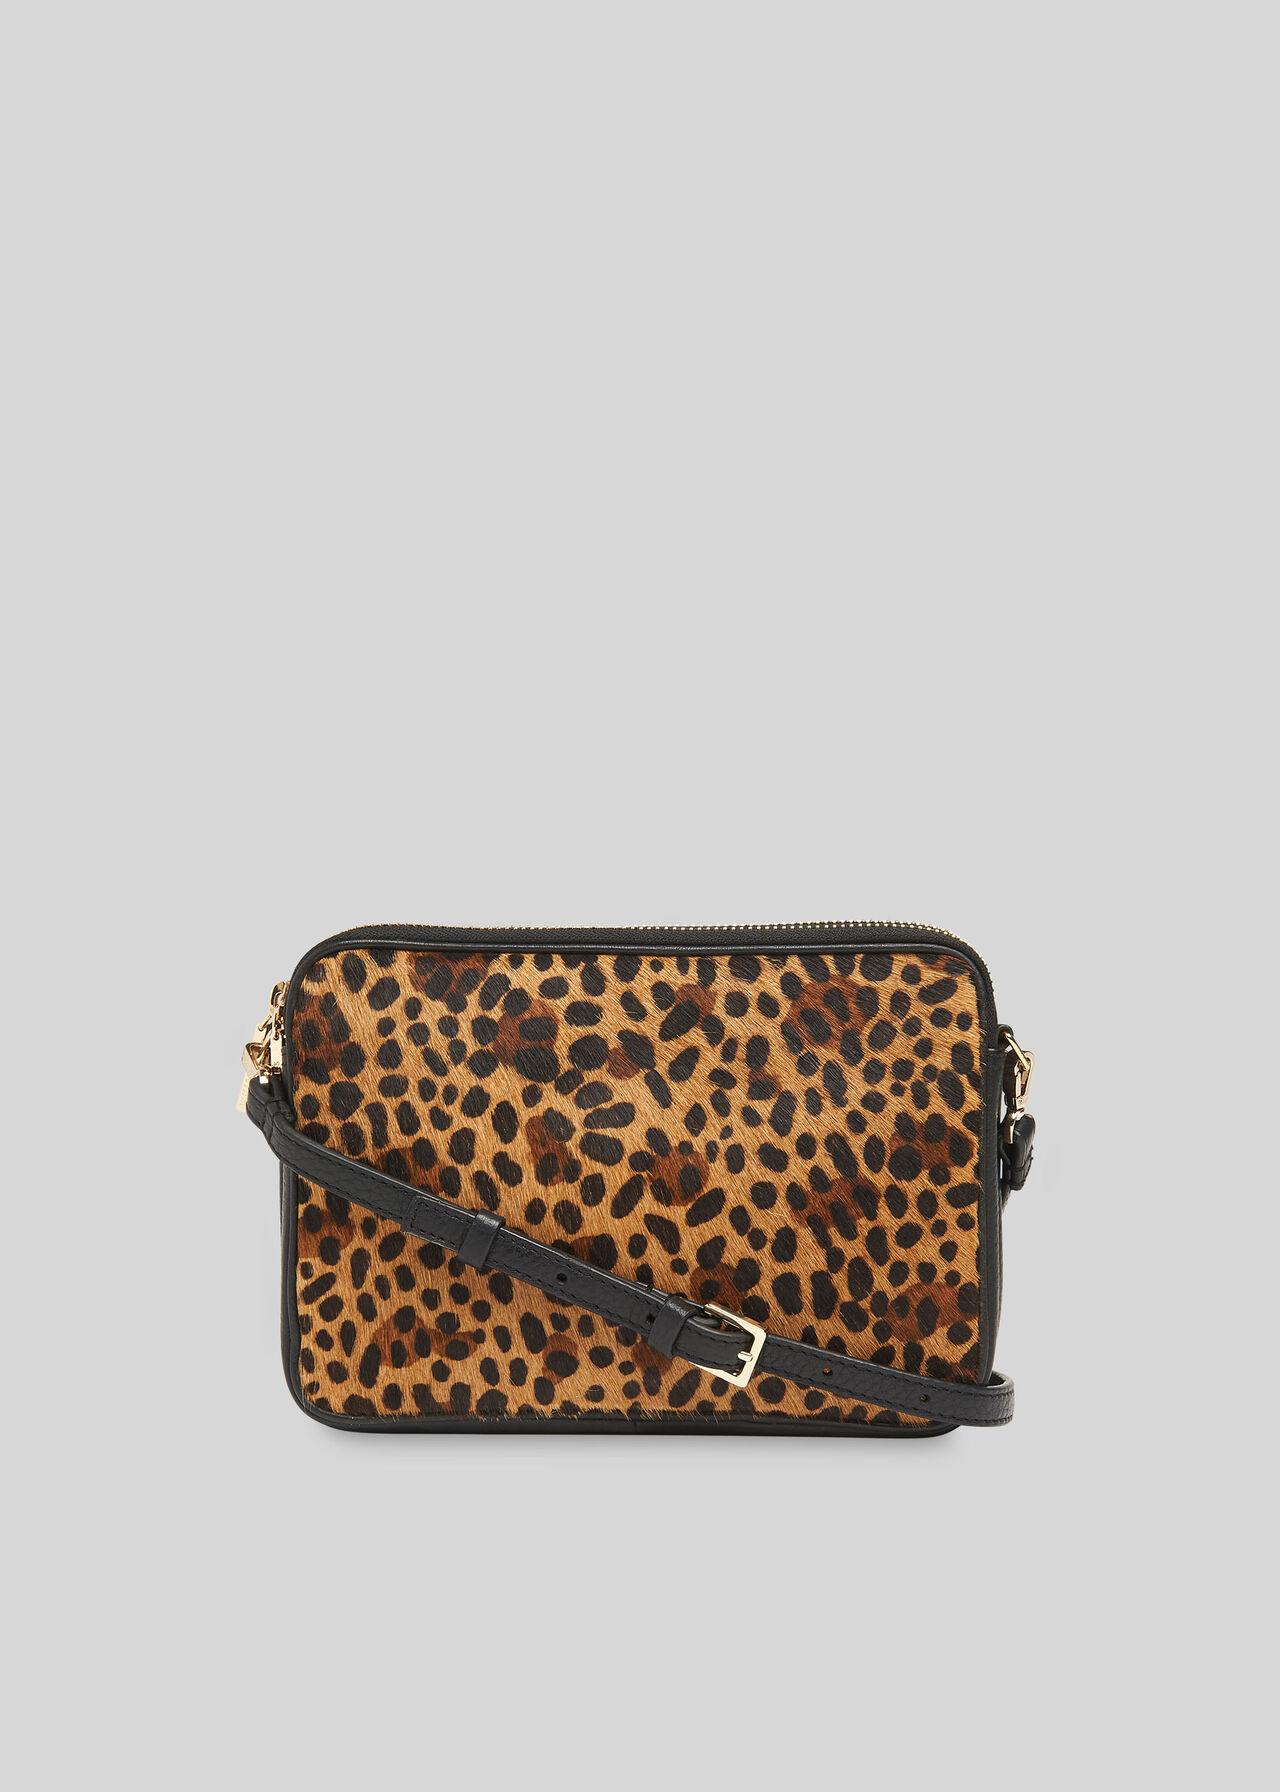 Cami Leopard Crossbody Bag Leopard Print